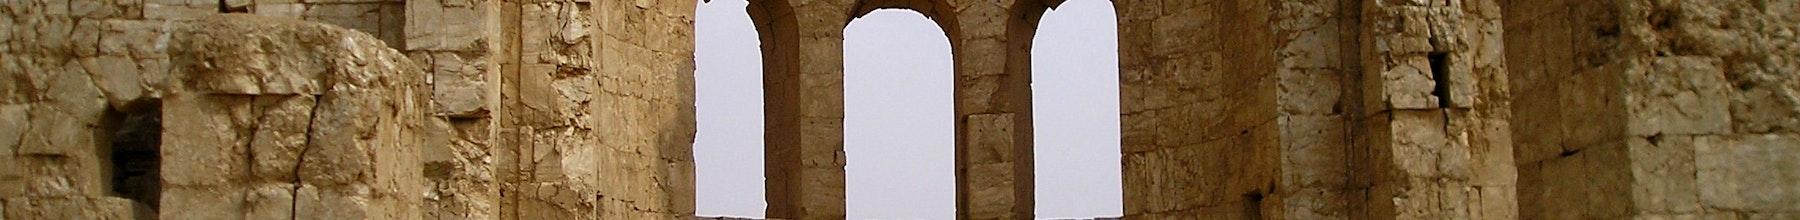 Basilica of St. Sergius